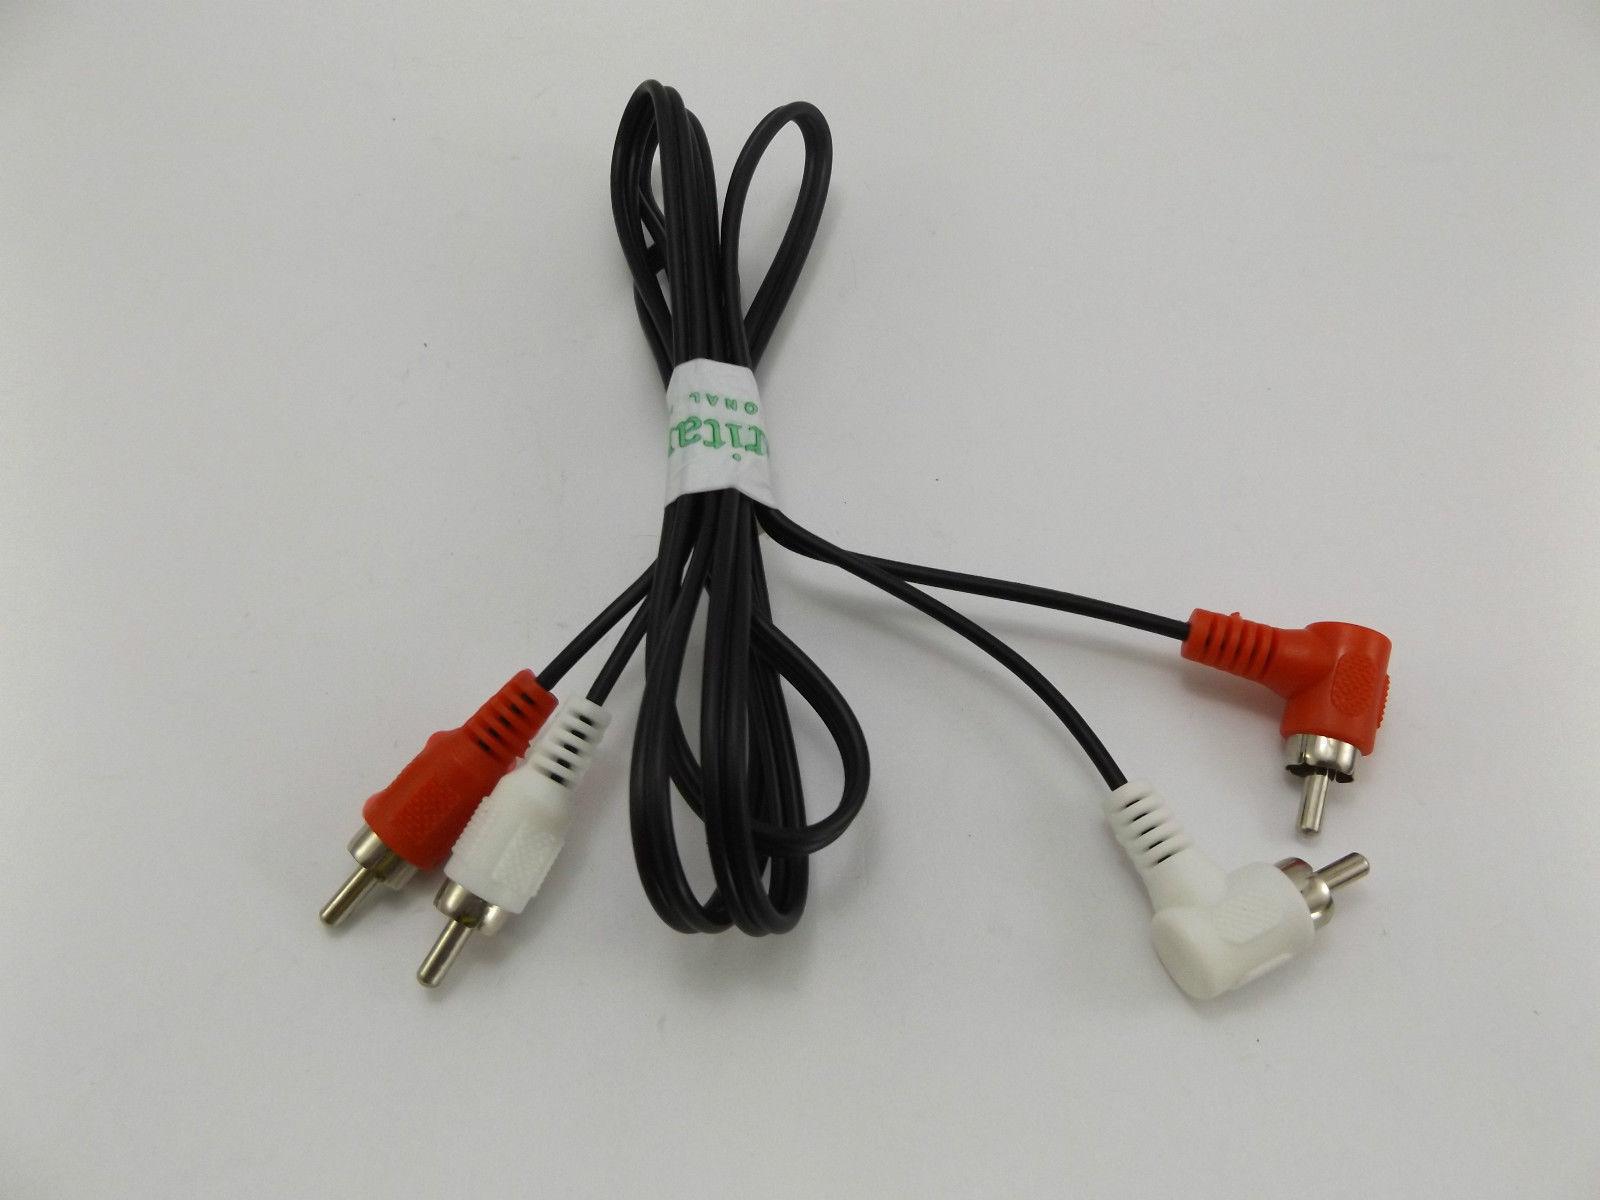 Cavo audio stereo bianco Rono Phono RCA da 120 cm ad angolo retto